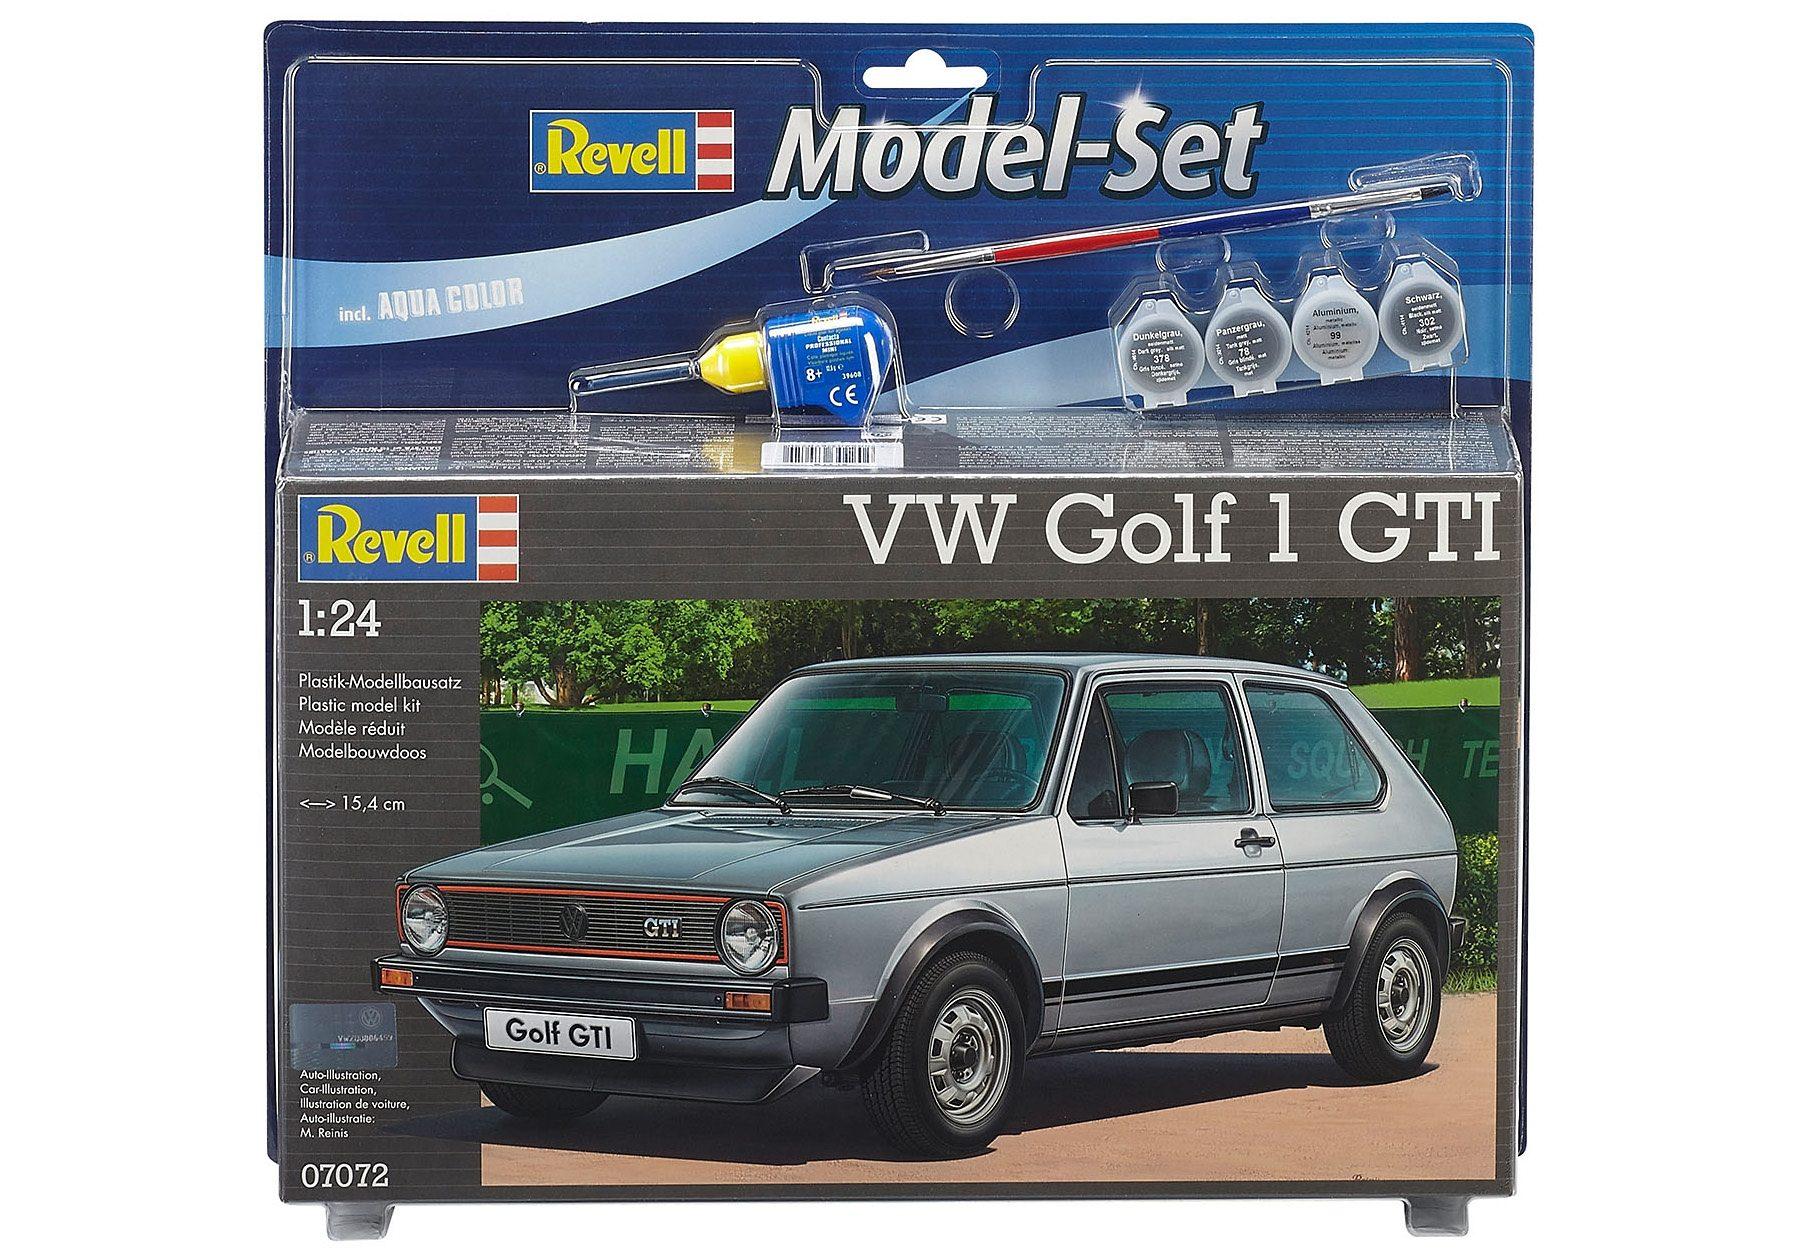 Revell® Modellbausatz mit Zubehör, Maßstab 1:24, »Model-Set VW Golf 1 GTI«